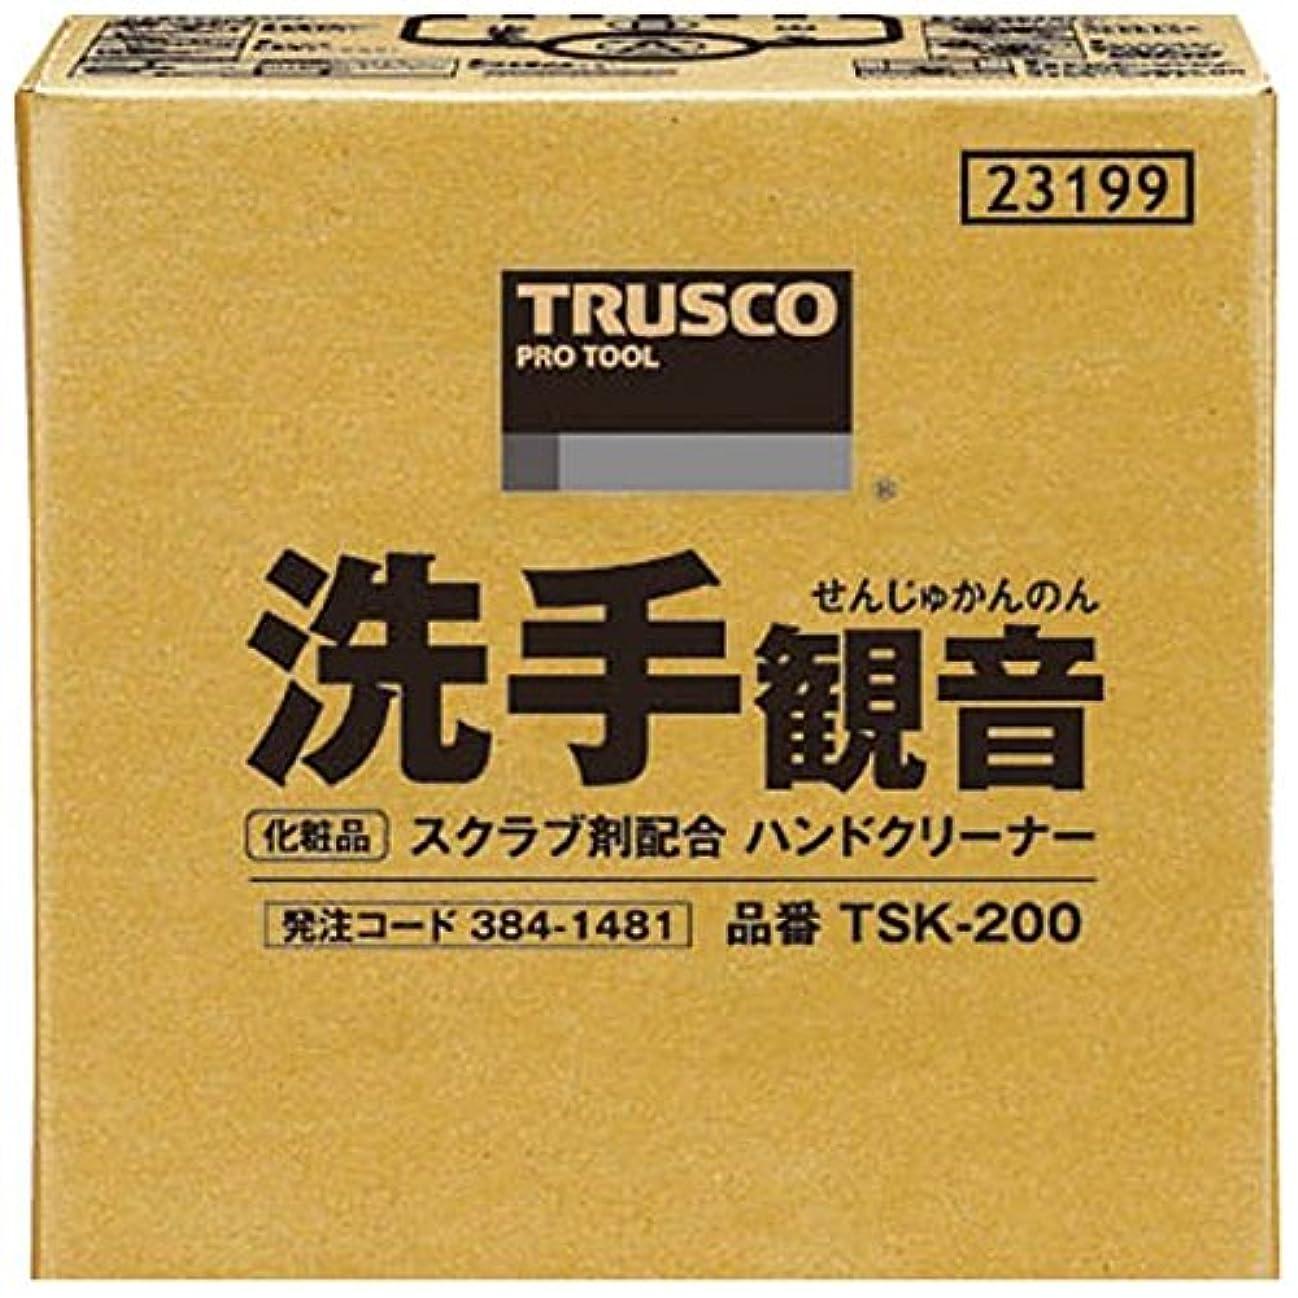 収まる重量コンサルタントTRUSCO 洗手観音 20kg バックインボックス TSK-200